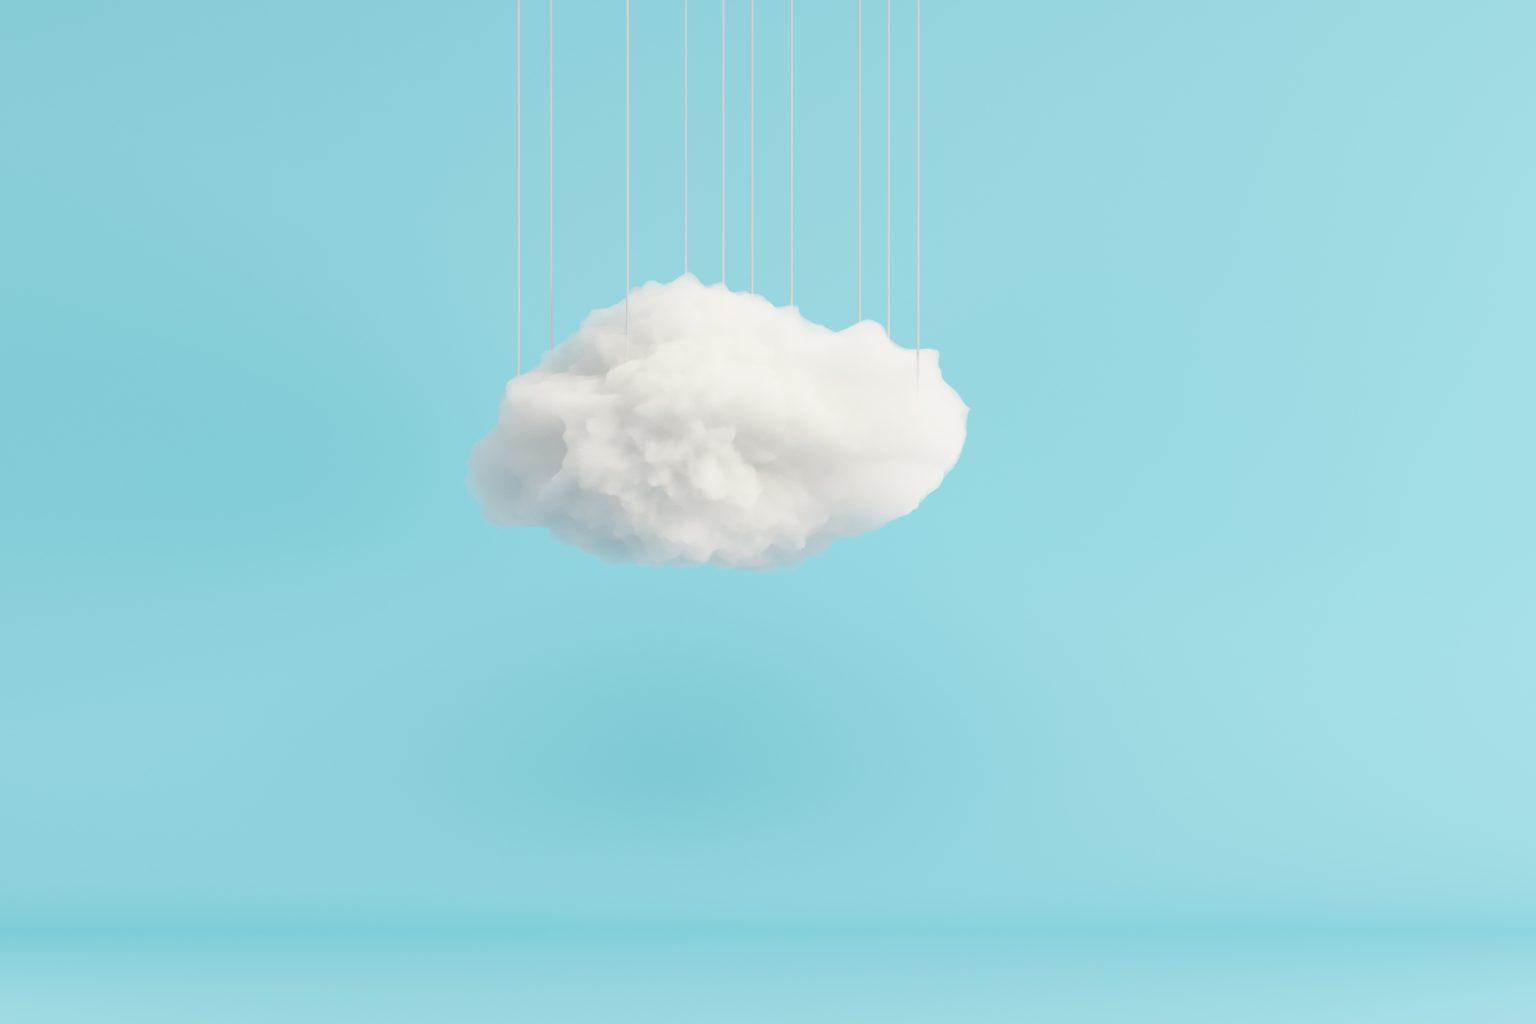 Image d'un nuage blanc en 3D devant un fond bleu uni